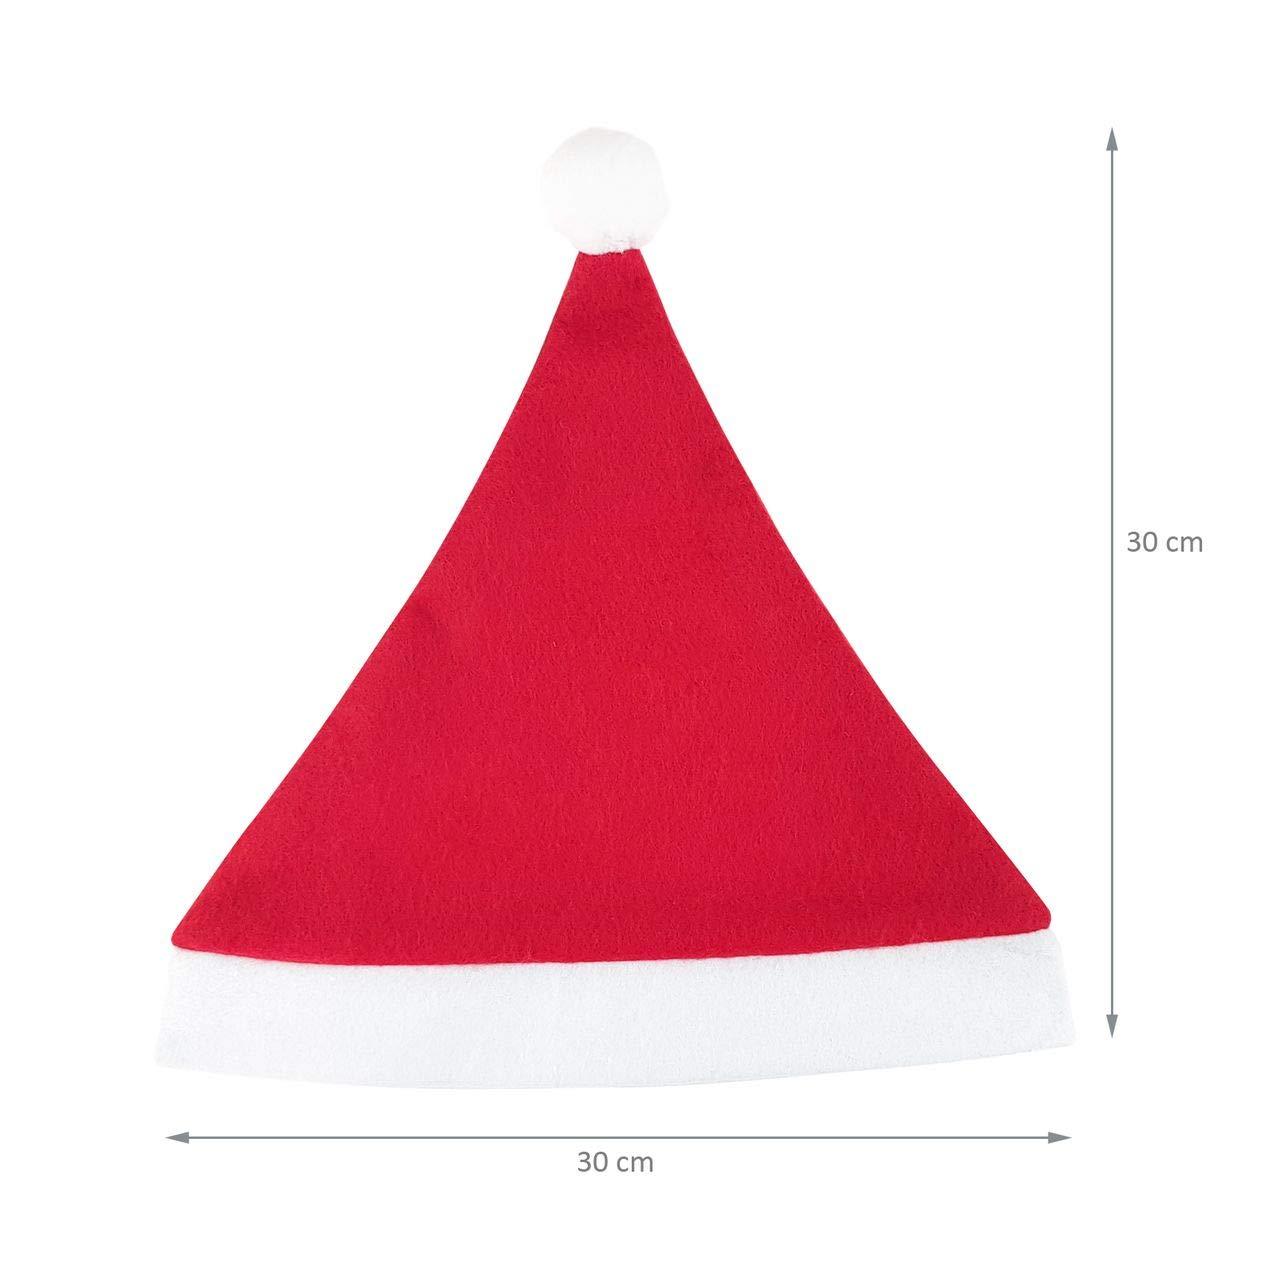 BxH weicher Filz Einheitsgr/ö/ße Wellgro 24 Weihnachtsm/ützen mit Bommel 30 x 30 cm